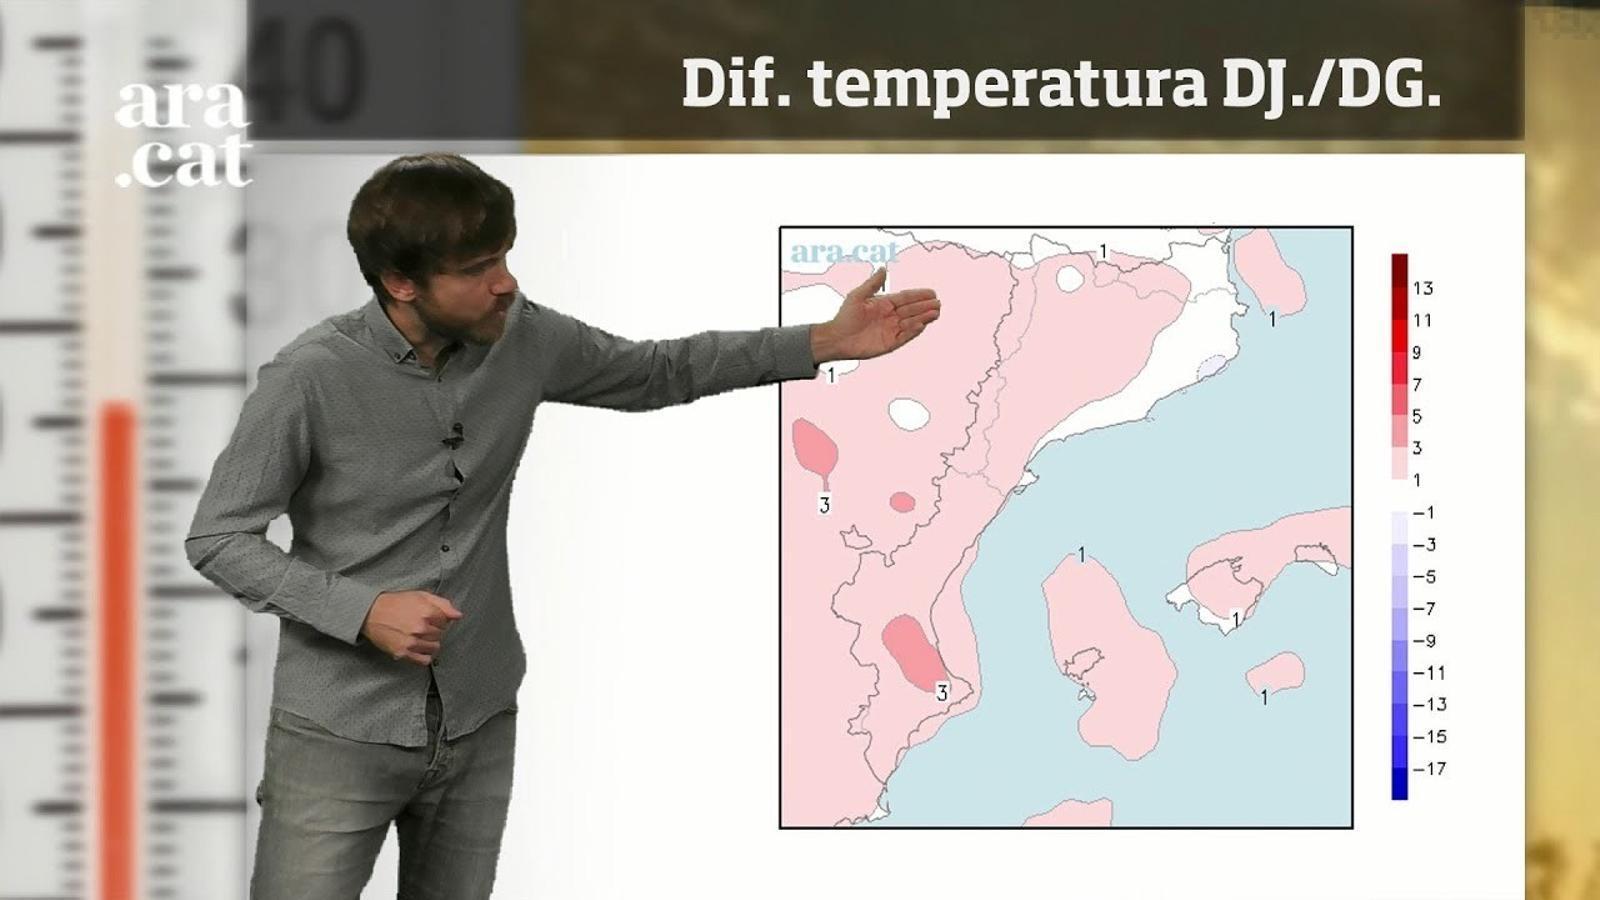 La méteo en 1 minut: de la calor intensa al fred de tardor